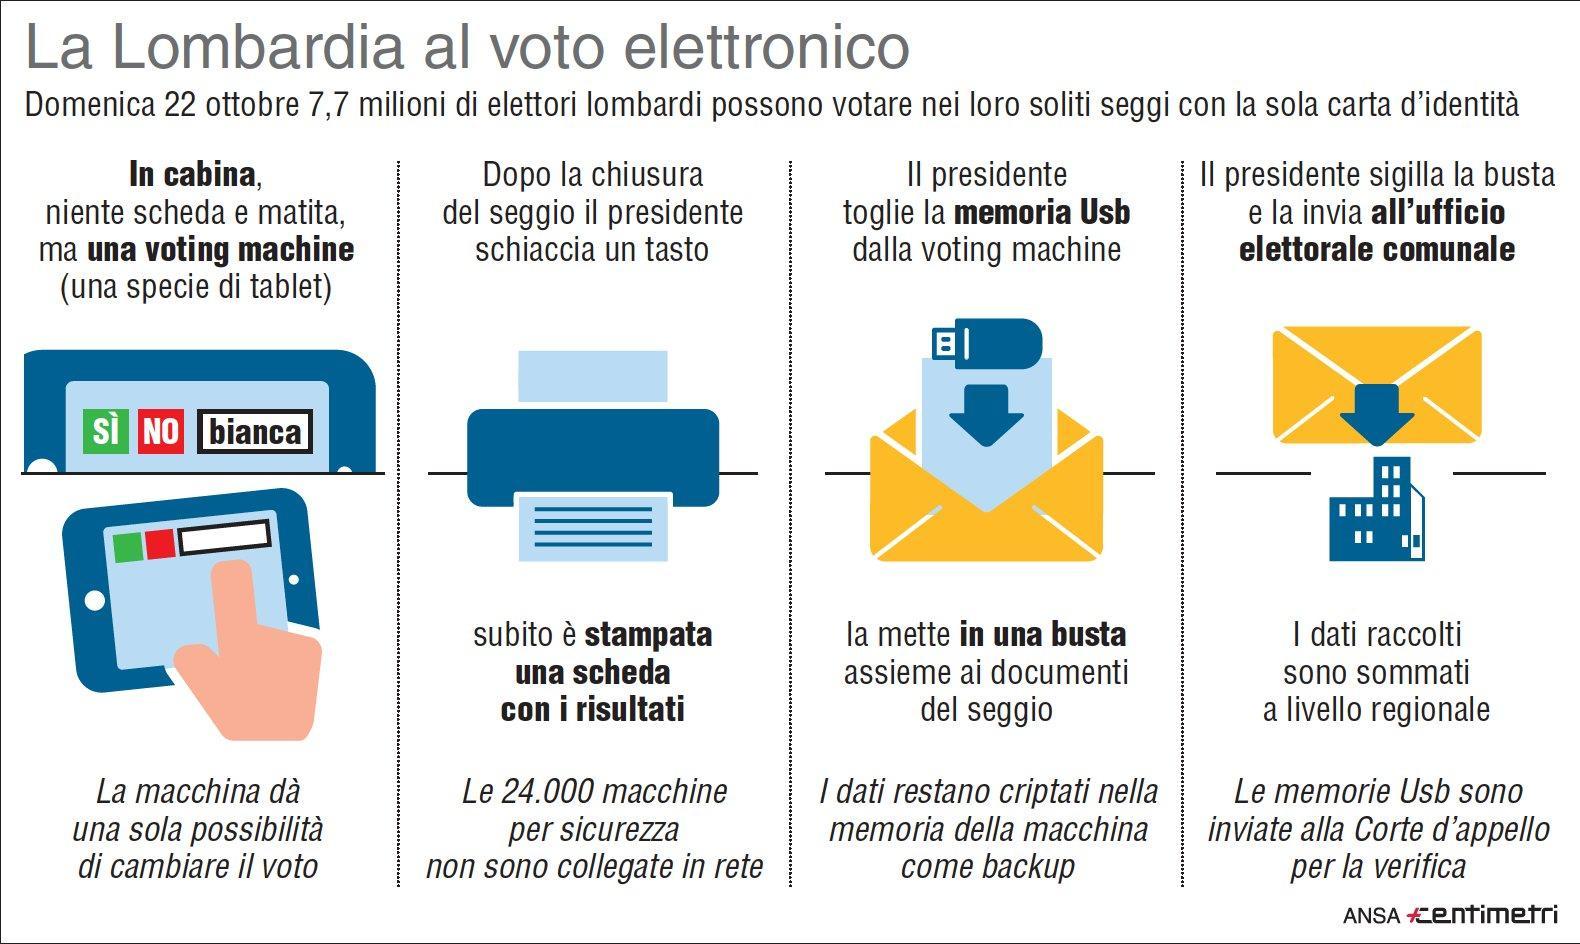 Referendum Lombardia, il debutto del voto elettronico